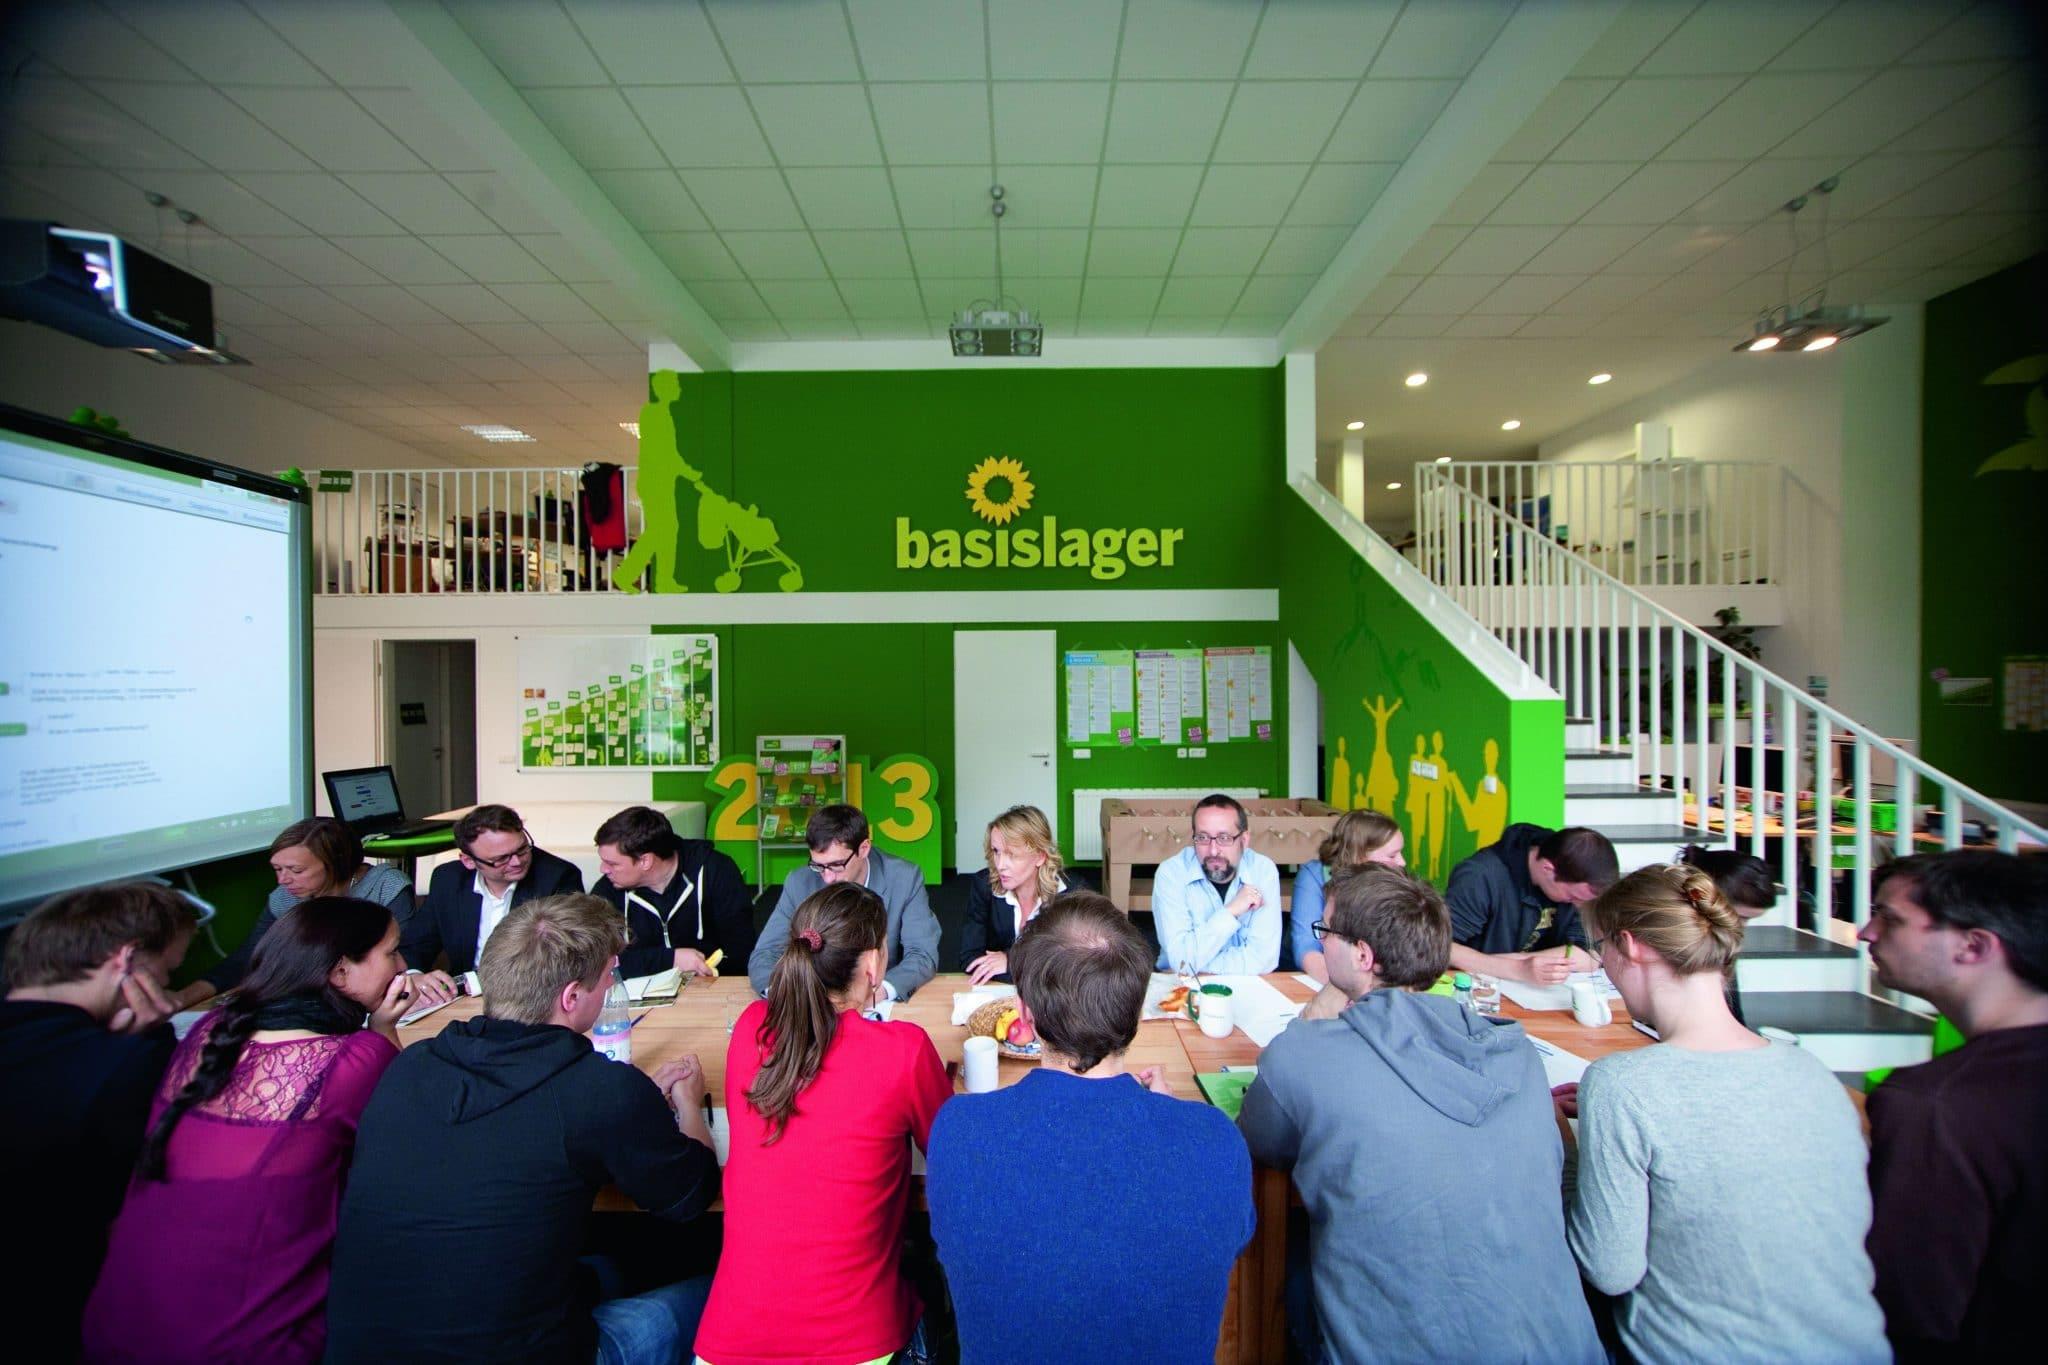 Teamsitzung mit Wahlkampfmanager Robert Heinrich  (4. v. l.). Viele Mitarbeiter sind kaum älter als die grüne Partei selbst. Foto: Stephan Baumann